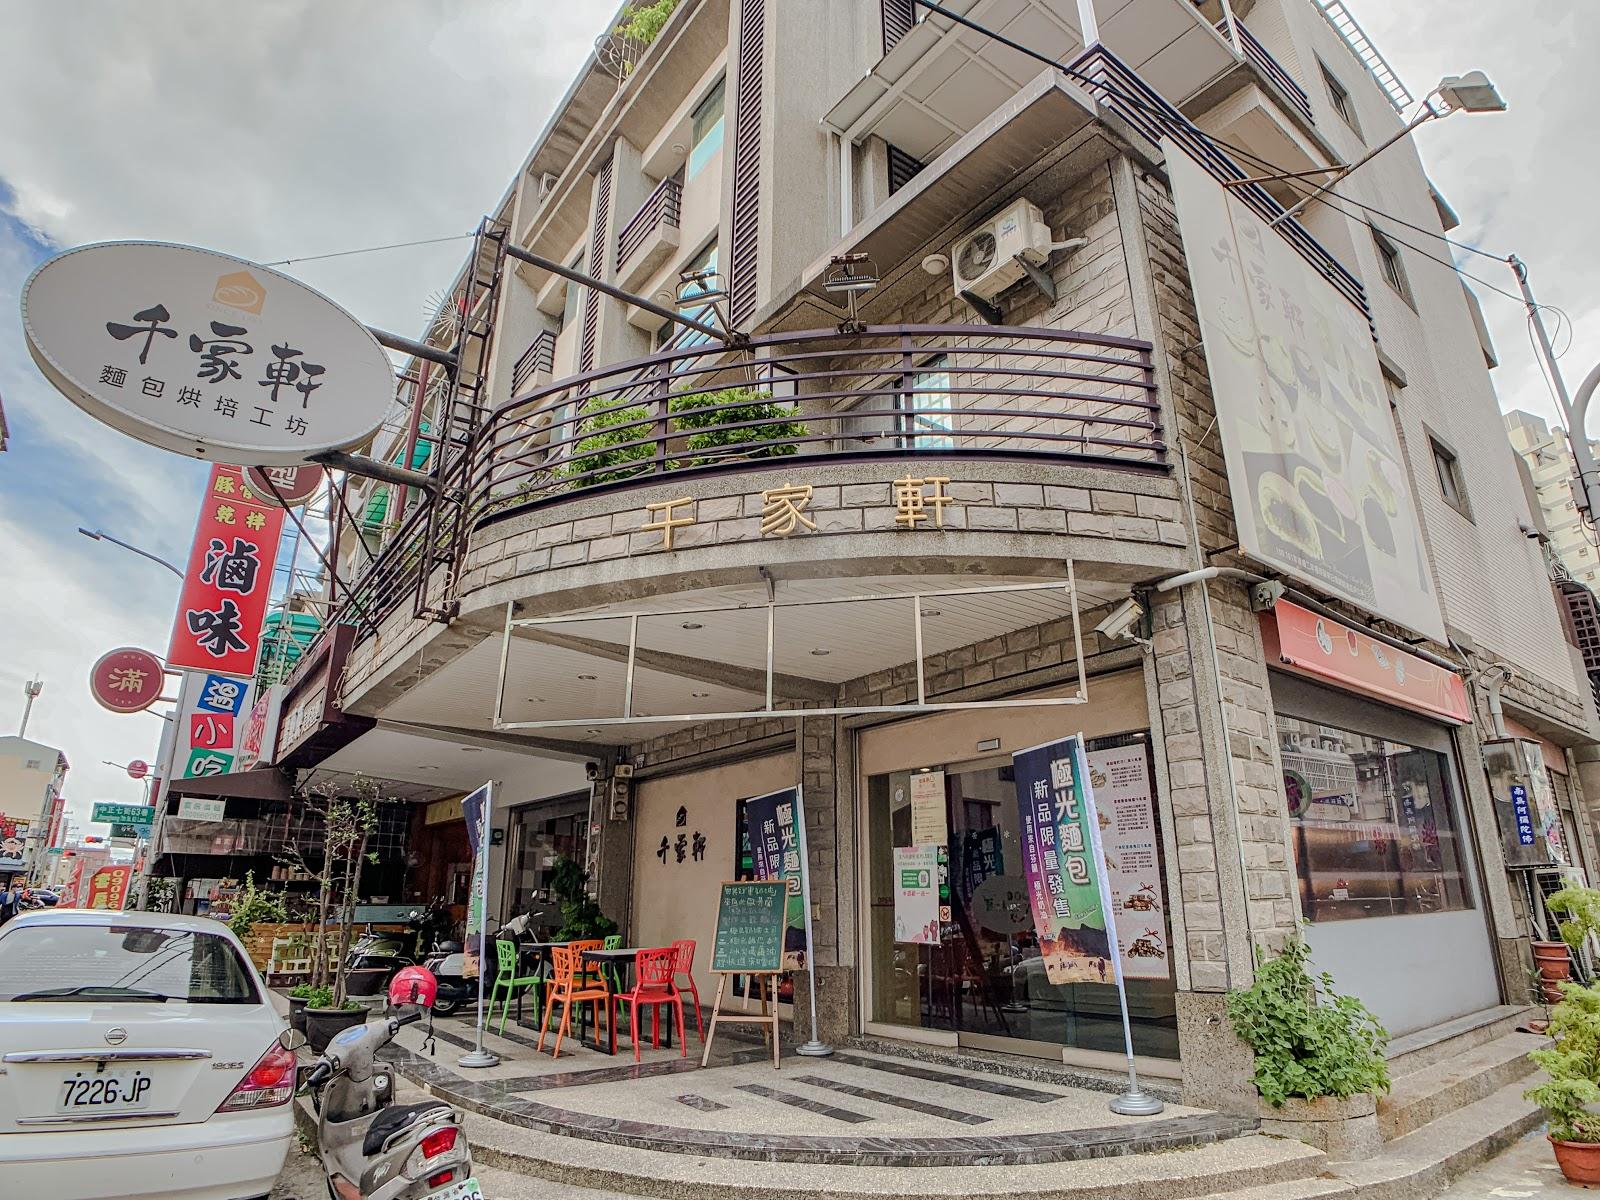 IMG_3049-[台南][永康區]千家軒烘焙坊